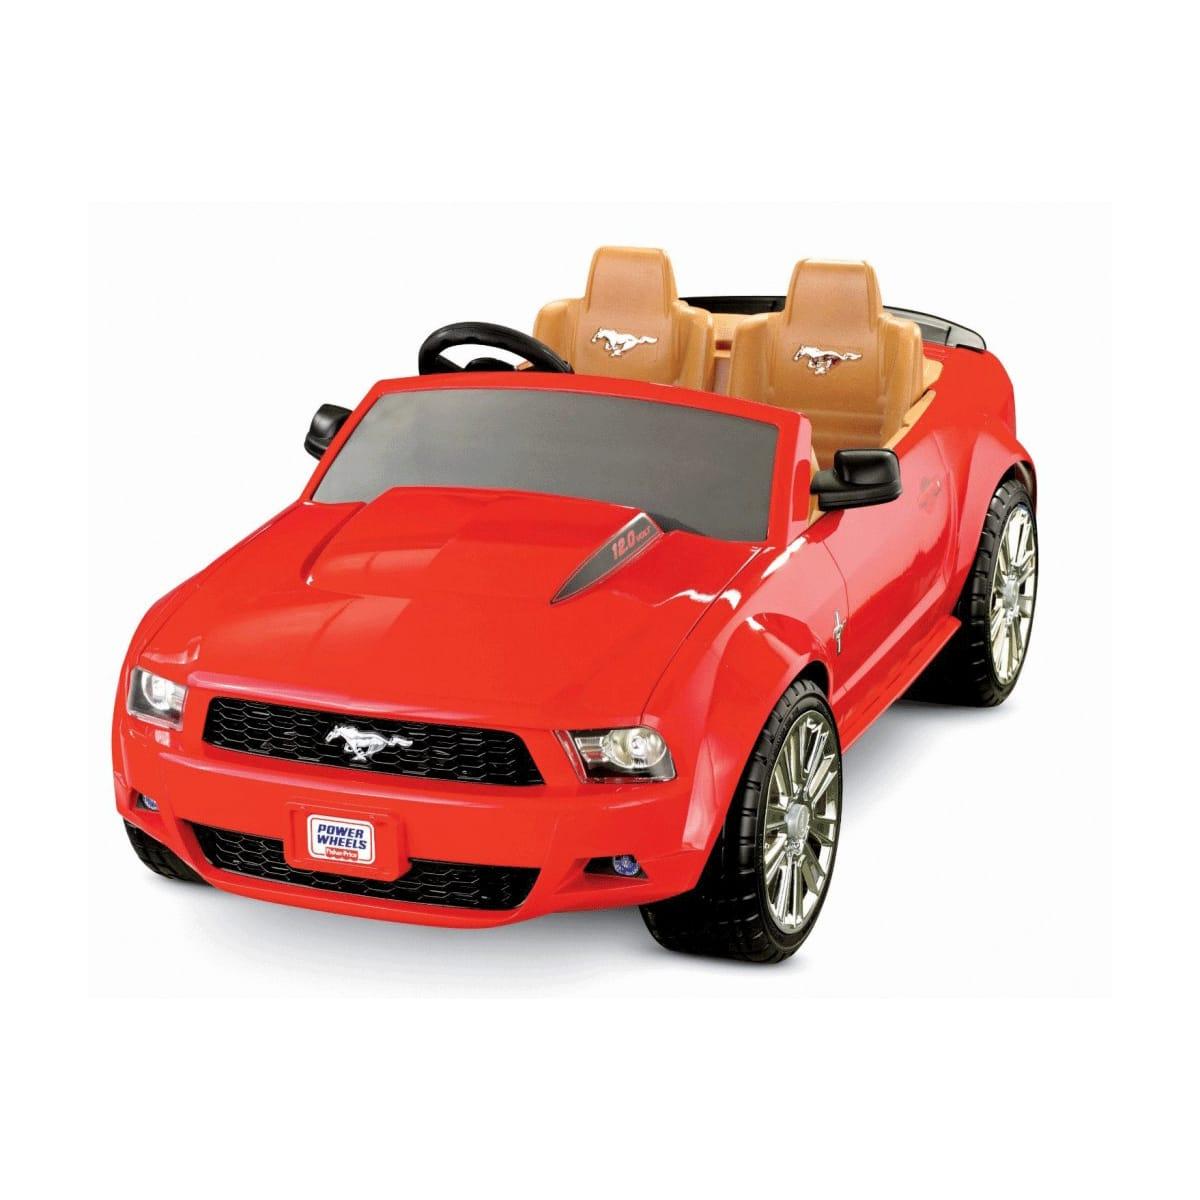 【組立要】フィッシャープライス パワーホイール レッドフォード マスタング 電動自動車 12Vバッテリー付 電気自動車Kid MoFisher-Price Power Wheels Red Ford Mustang 12-Volt Battery-Powered Ride-On